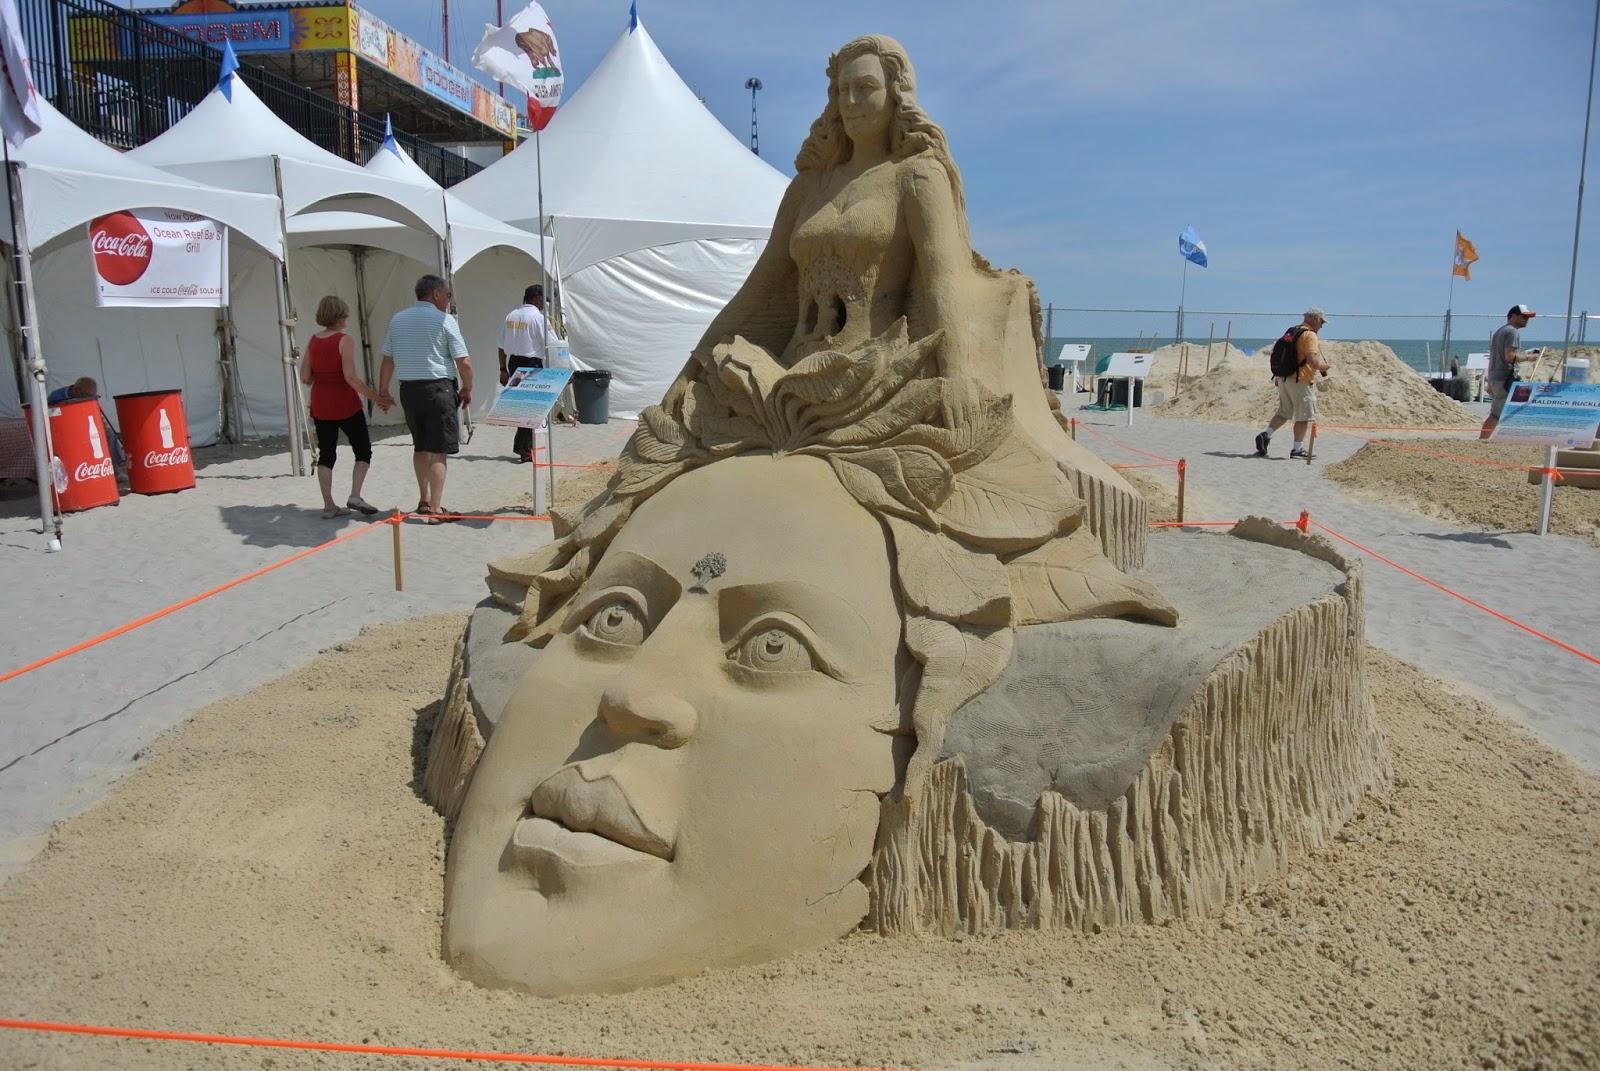 award winning sand sculpture at world cup of sand art 2014